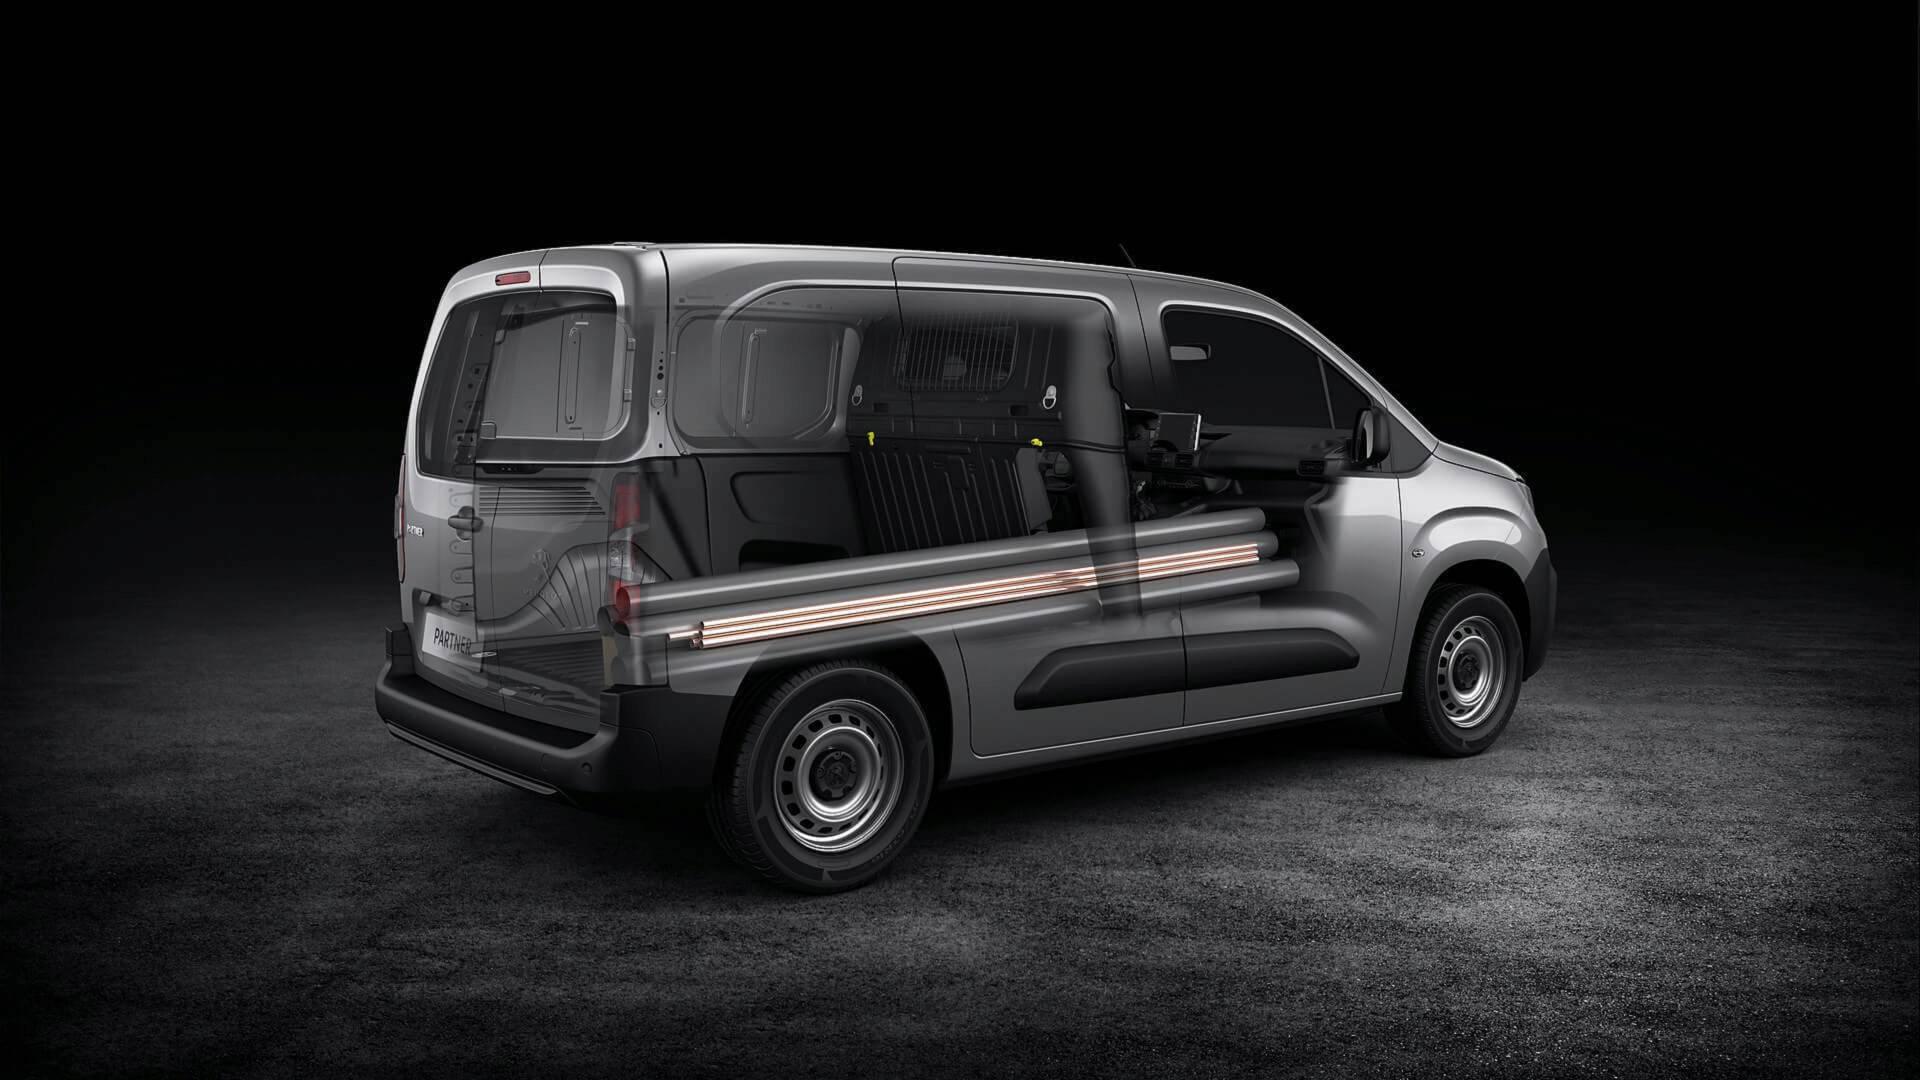 2019 Peugeot Partner 4